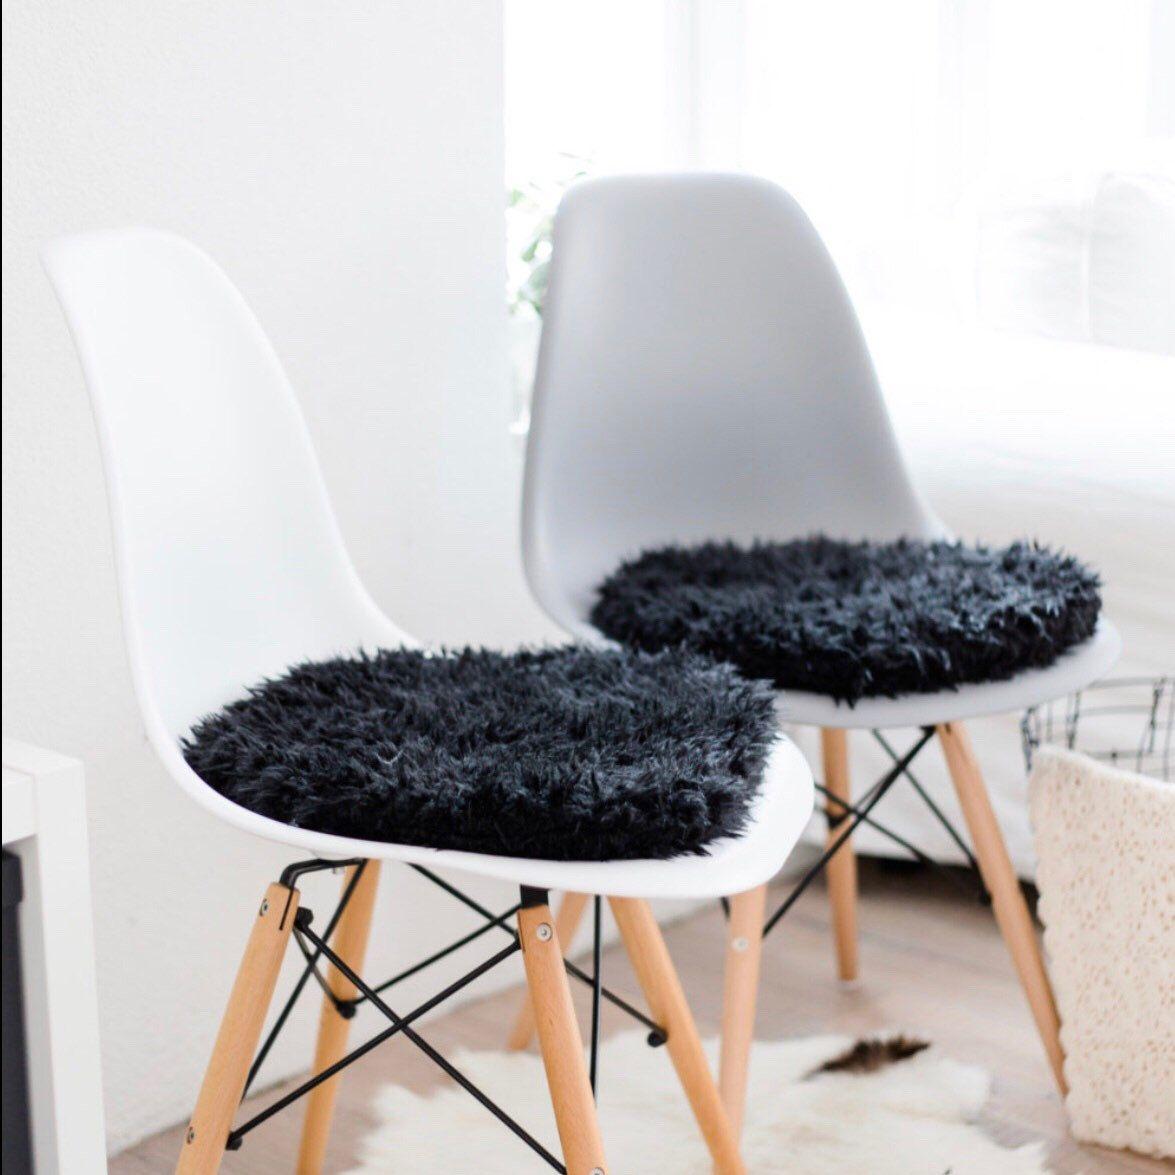 es gibt wieder sitzkissen fr den eameschair in schwarzem kunstfell im shop - Eames Chair Sitzkissen